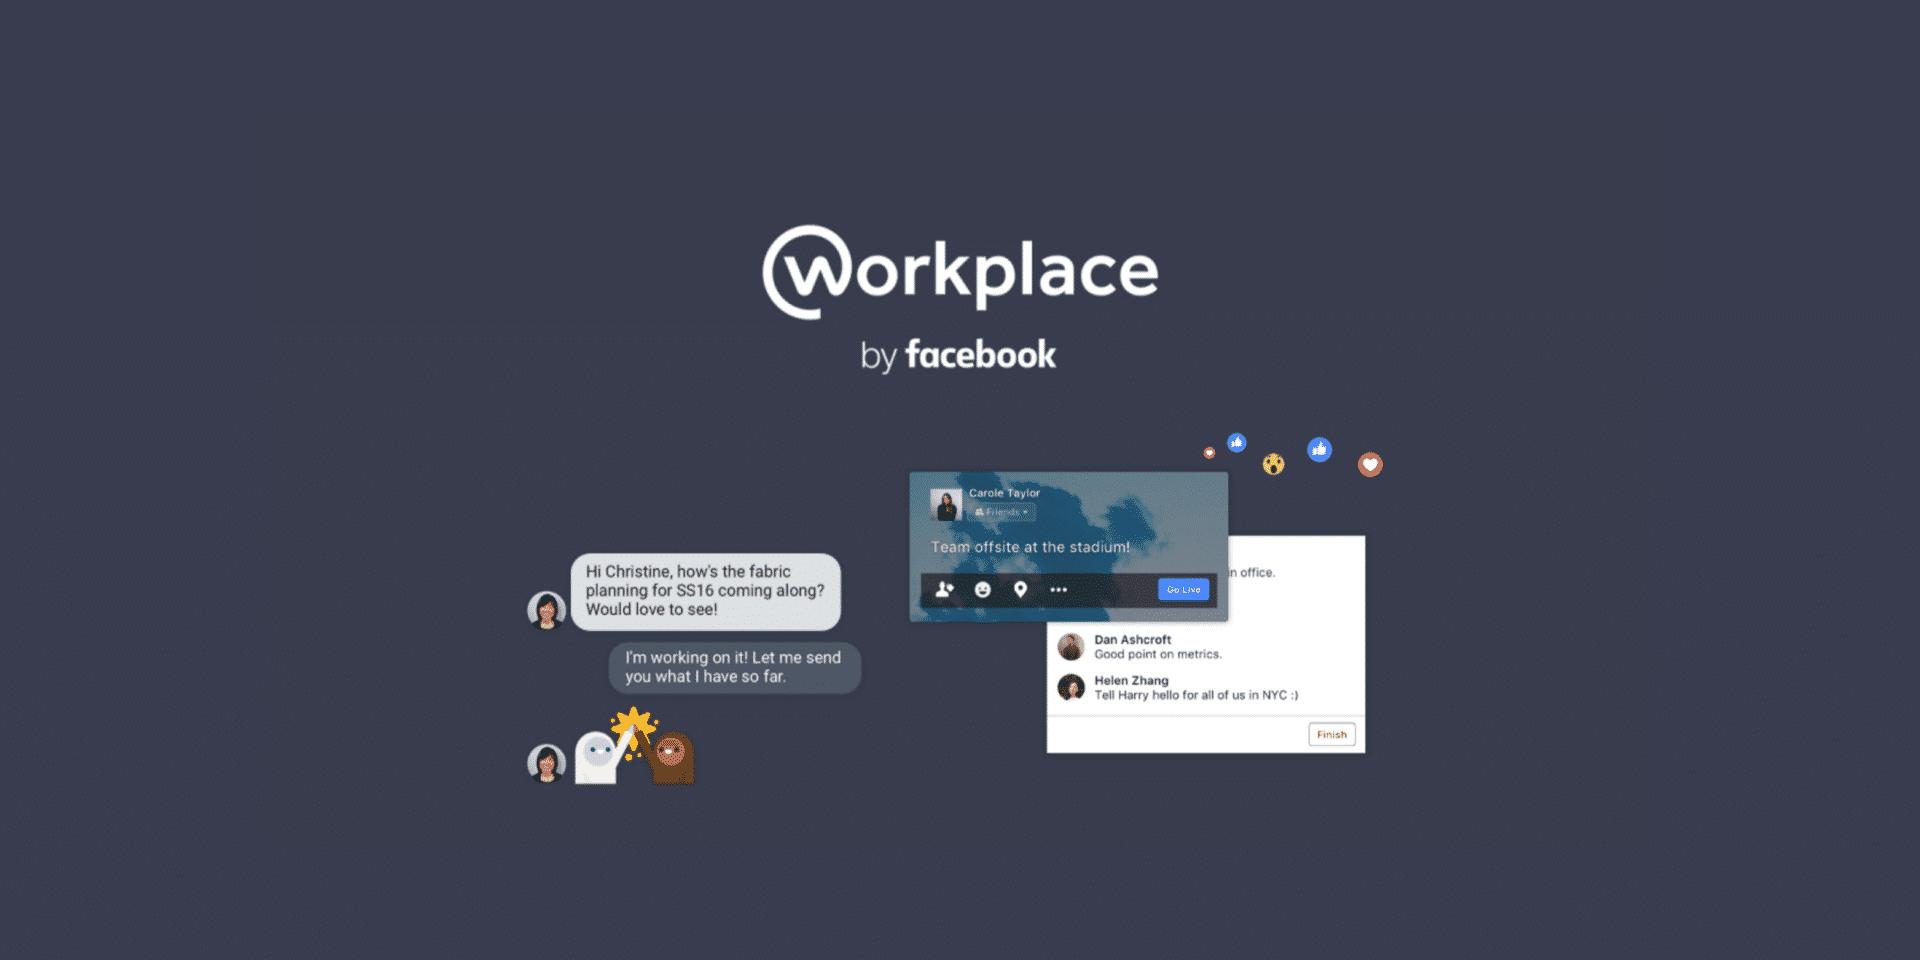 facebook workplace - Facebook Workplace per il Non Profit come funziona - Facebook Workplace per il Non Profit